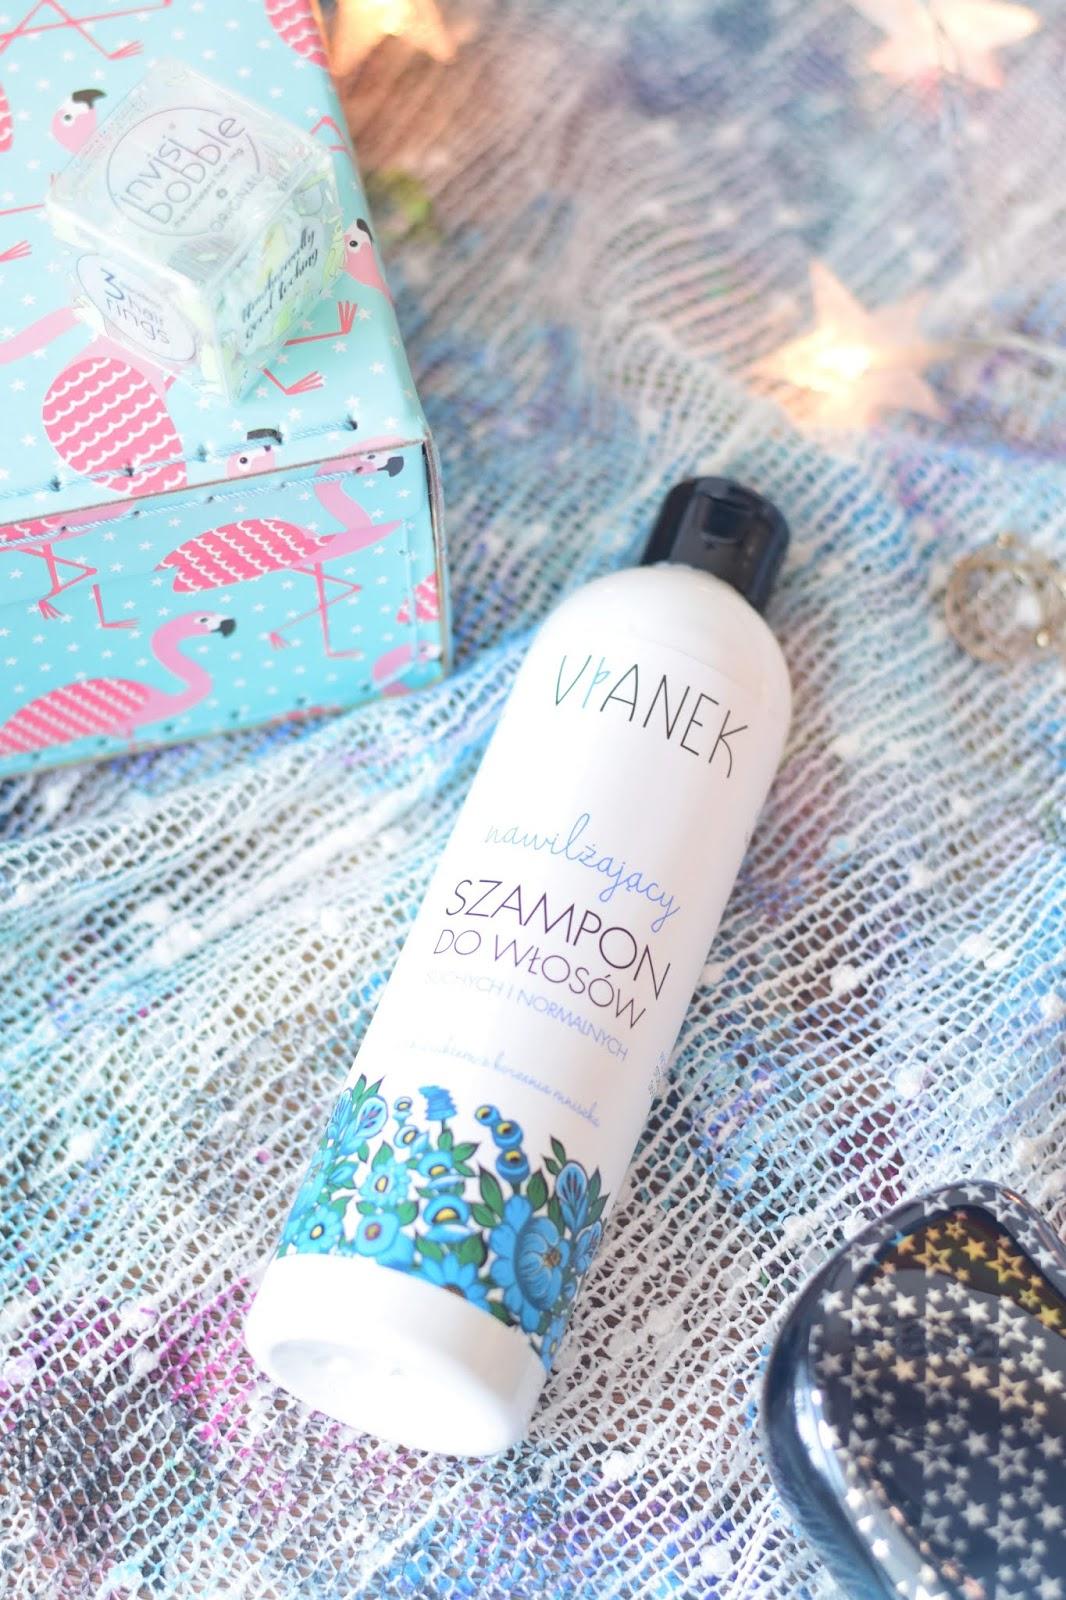 Vianek, Szampon nawilżający | Świetny szampon do codziennego stosowania!